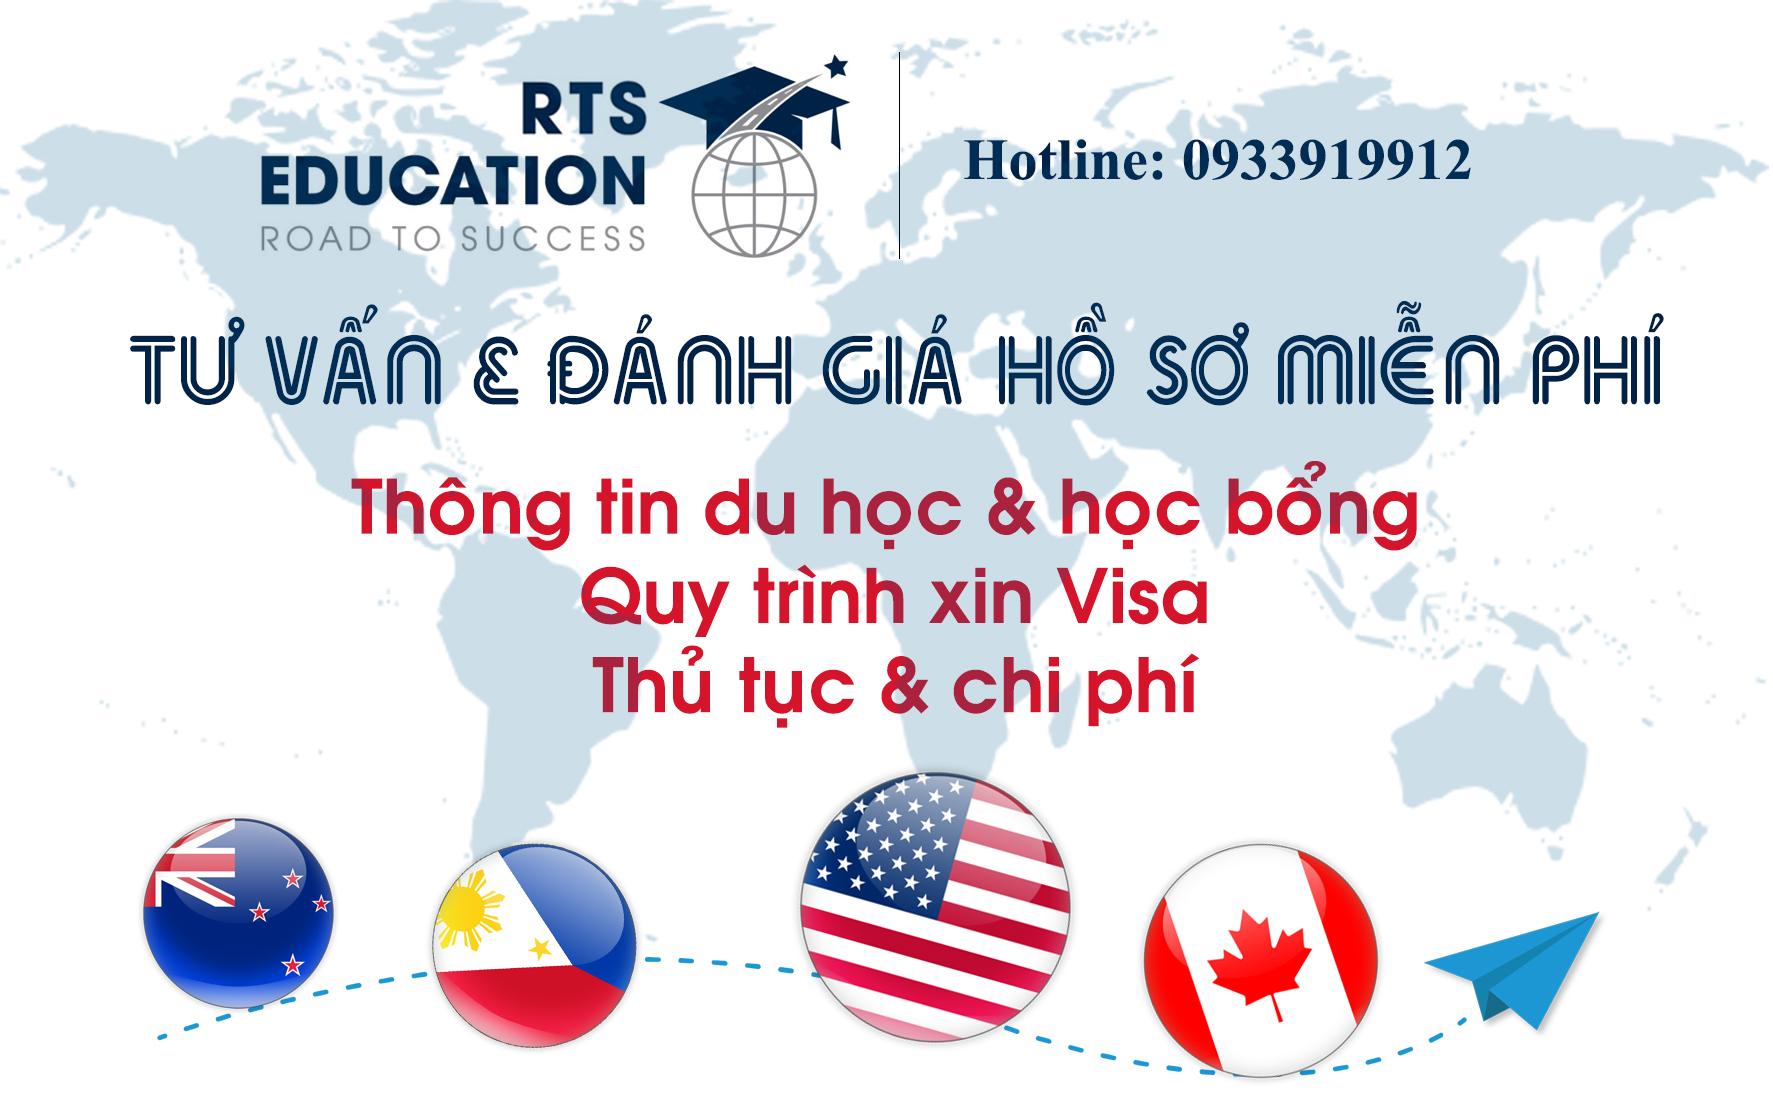 Tư vấn du học miễn phí từ Công ty RTS Education Du-hoc-RTS-education-001